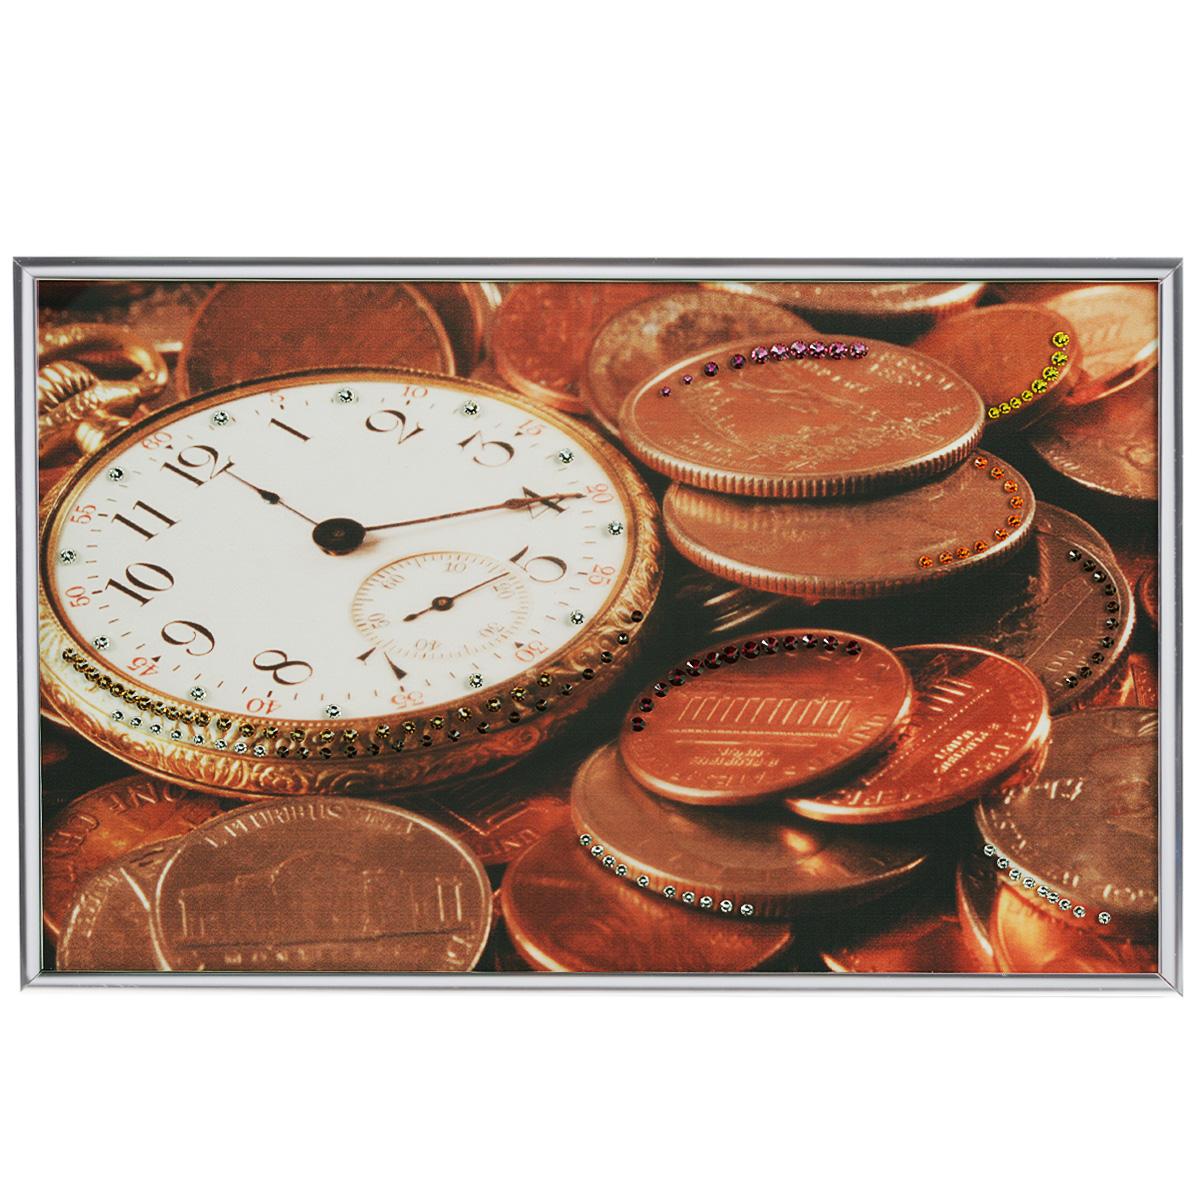 Картина с кристаллами Swarovski Время деньги, 30 см х 20 смPM-2401Изящная картина в металлической раме, инкрустирована кристаллами Swarovski, которые отличаются четкой и ровной огранкой, ярким блеском и чистотой цвета. Красочное изображение часов и монет, расположенное под стеклом, прекрасно дополняет блеск кристаллов. С обратной стороны имеется металлическая петелька для размещения картины на стене.Картина с кристаллами Swarovski Время деньги элегантно украсит интерьер дома или офиса, а также станет прекрасным подарком, который обязательно понравится получателю. Блеск кристаллов в интерьере, что может быть сказочнее и удивительнее. Картина упакована в подарочную картонную коробку синего цвета и комплектуется сертификатом соответствия Swarovski.